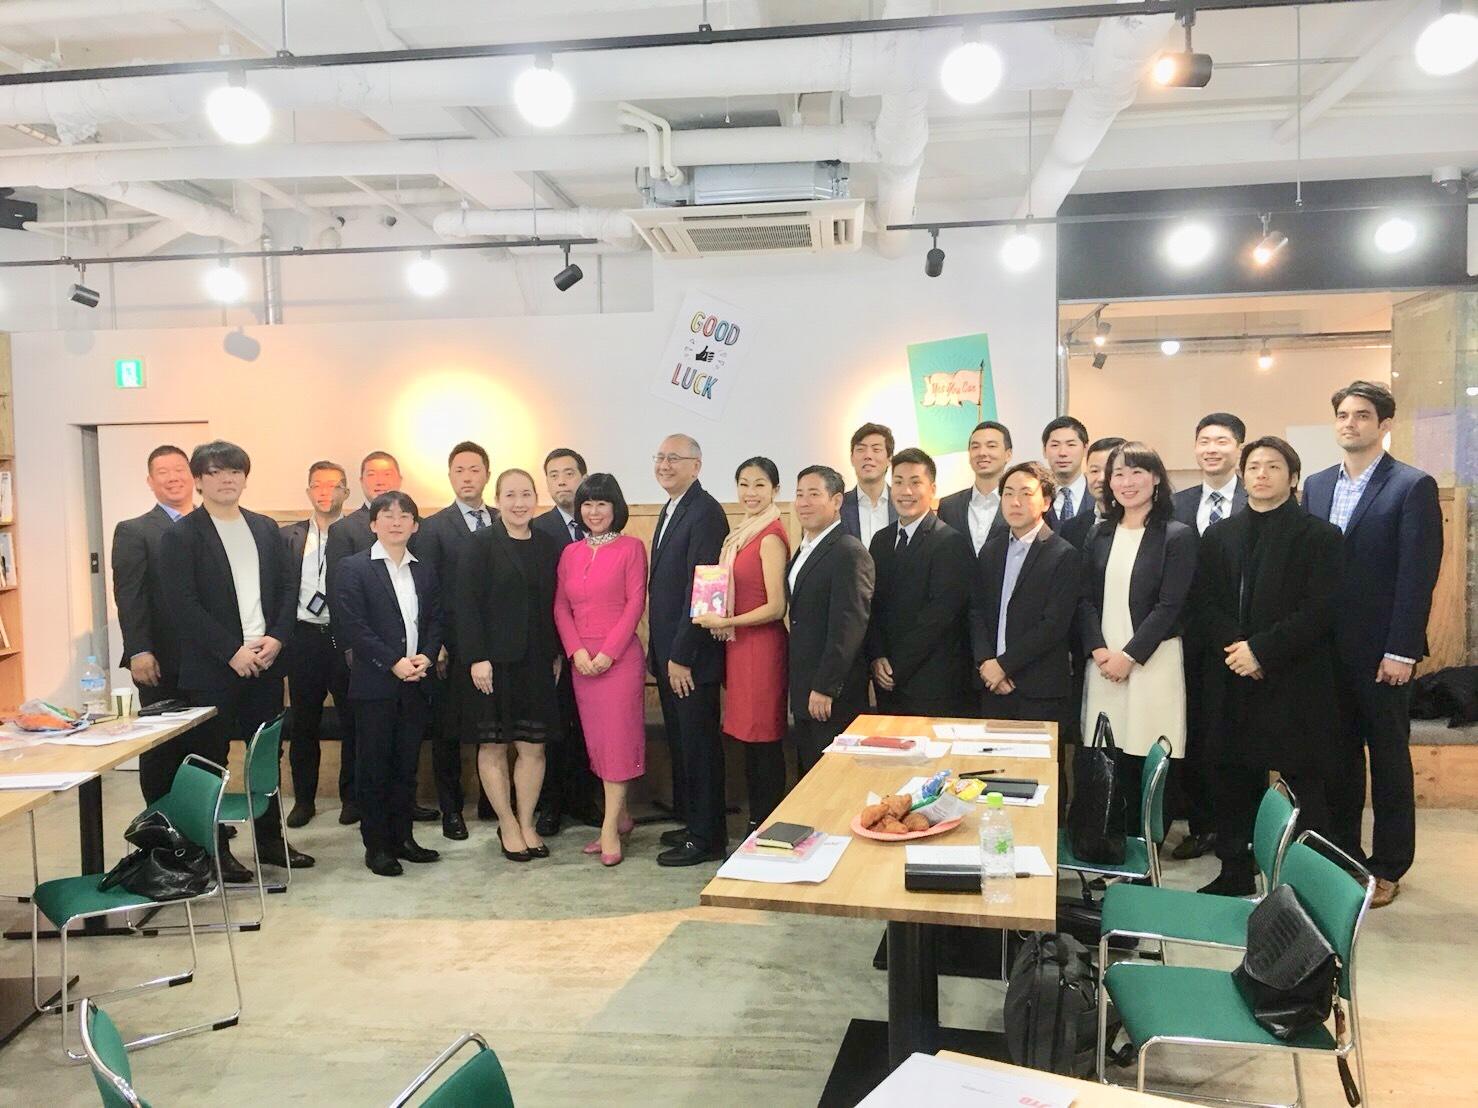 広島ハワイ次世代ビジネスリーダー・プログラムにて講演させて頂きました